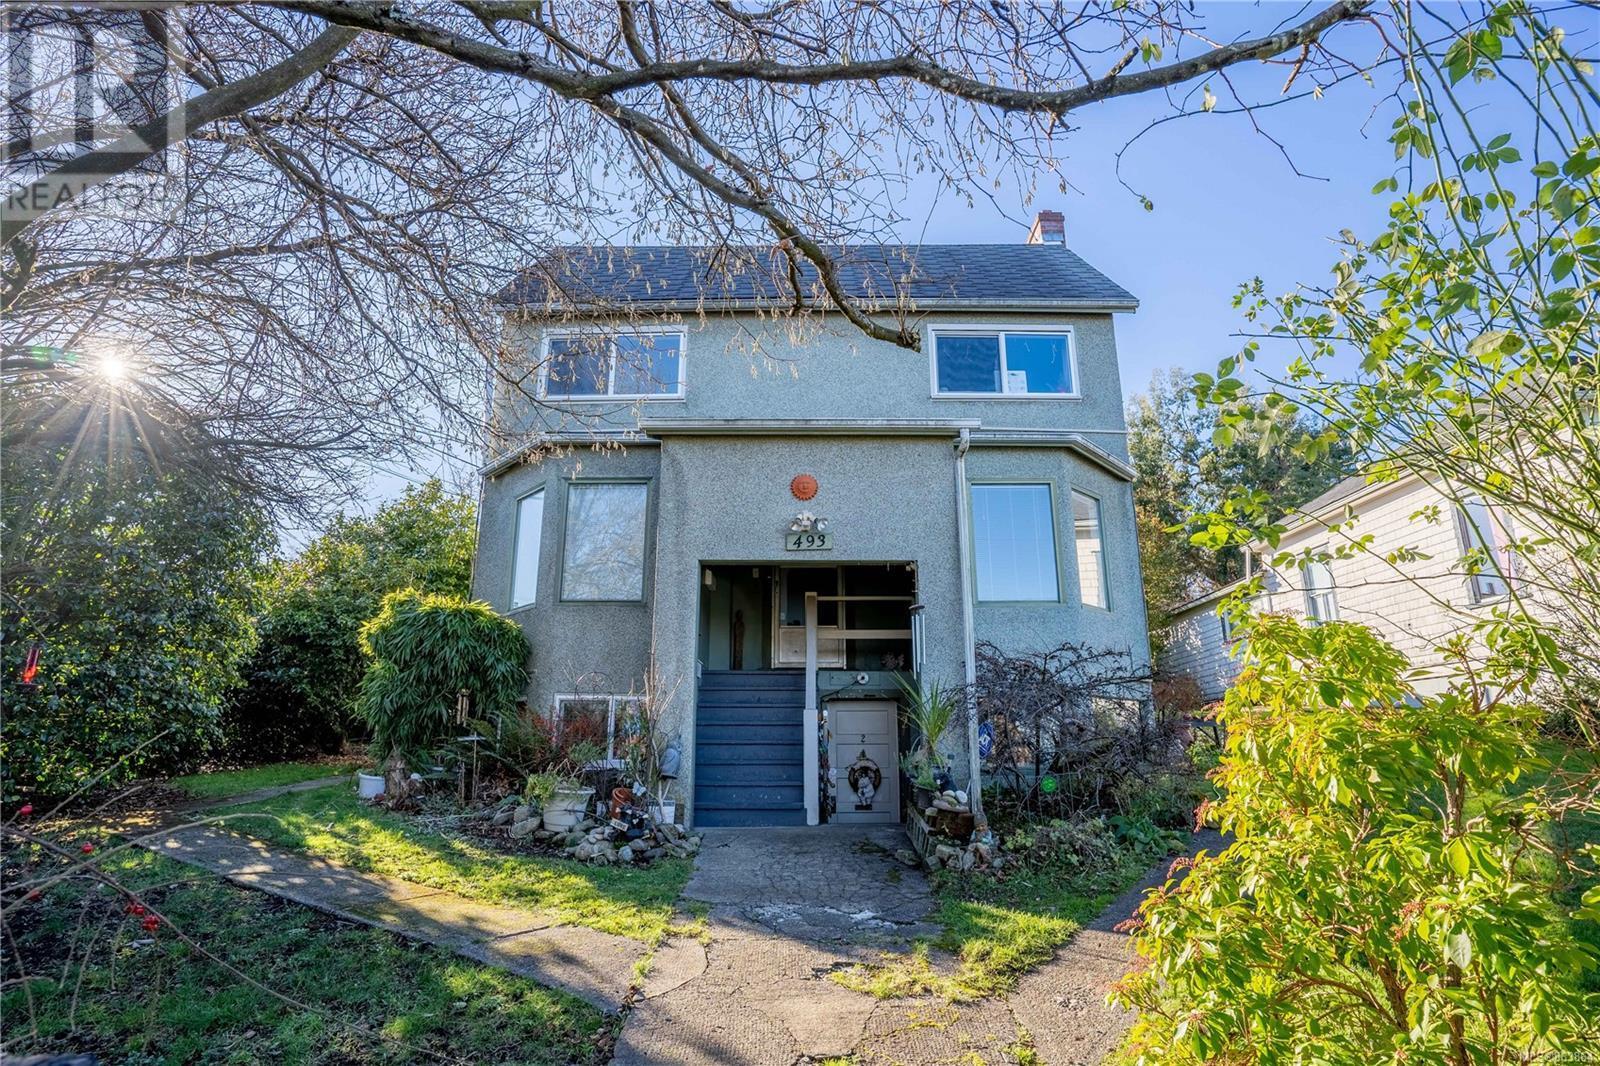 493 Milton St, Nanaimo, British Columbia  V9R 2K9 - Photo 1 - 863864